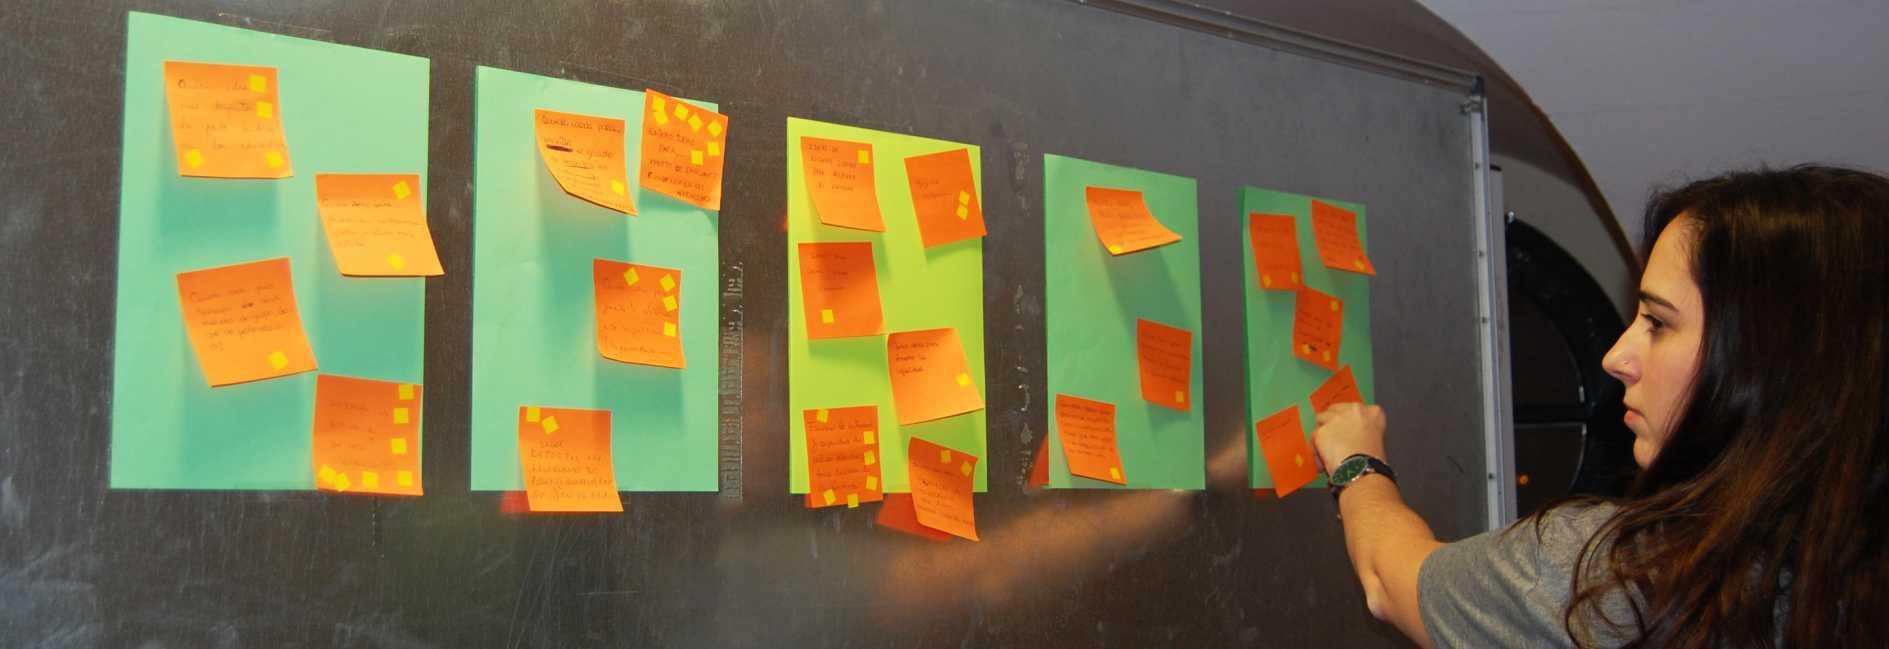 Creatividad en procesos de aprendizaje